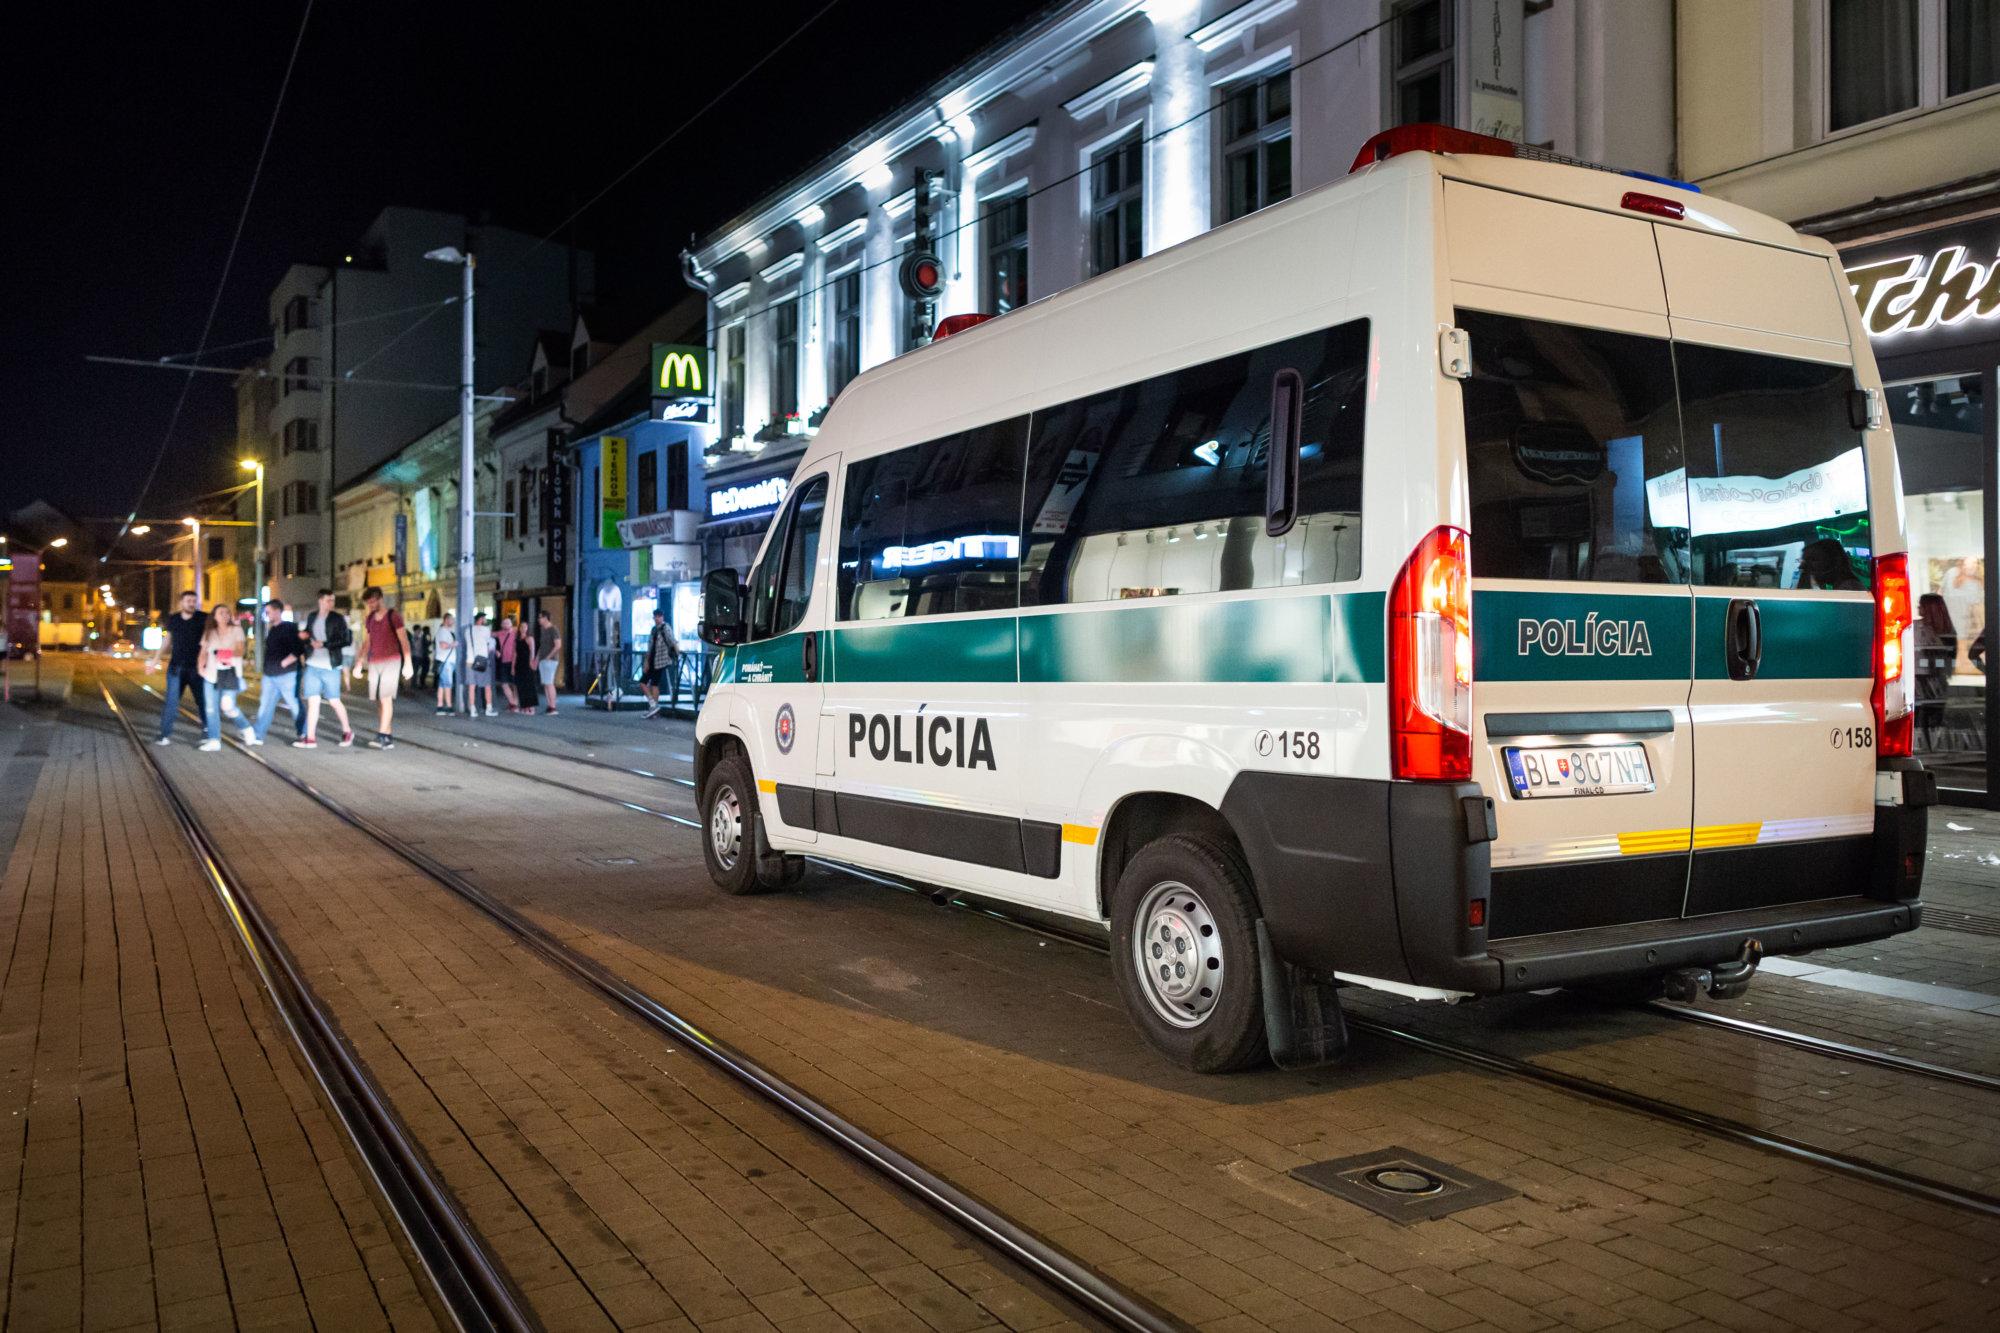 Obyvatelia Obchodnej píšu primátorovi Bratislavy: Nechceme sa už báť, viac hliadok iba v lete nestačí – Denník N